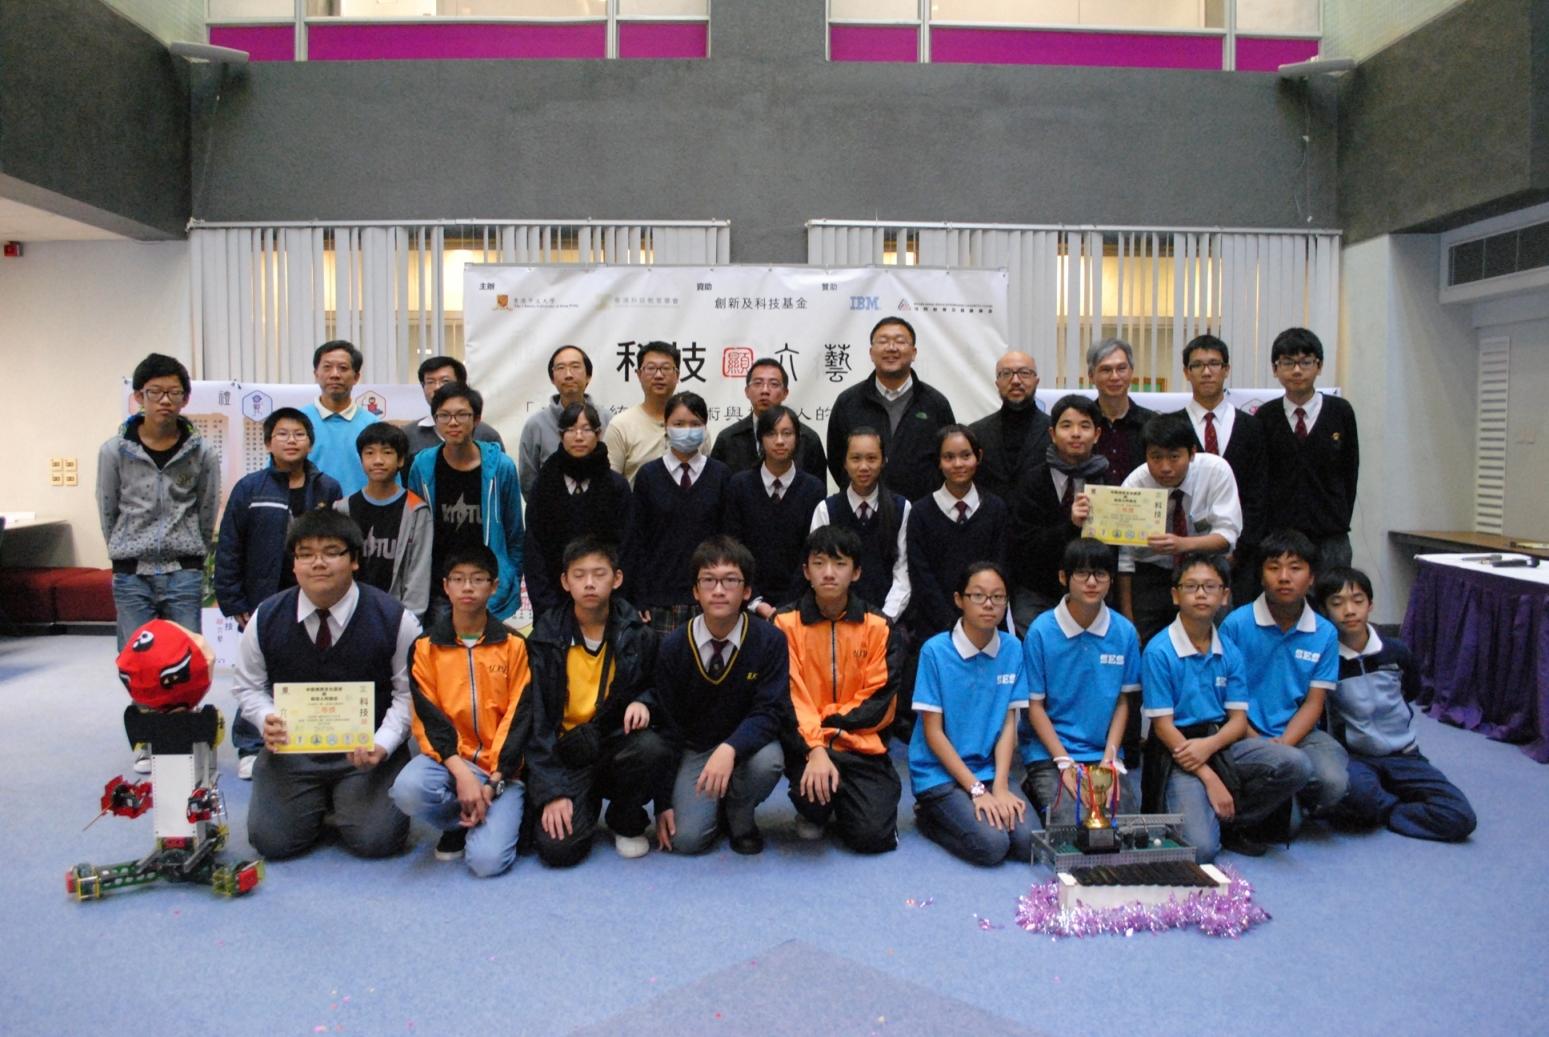 「科技顯六藝」機械人創意比賽「樂」藝組得獎隊伍。